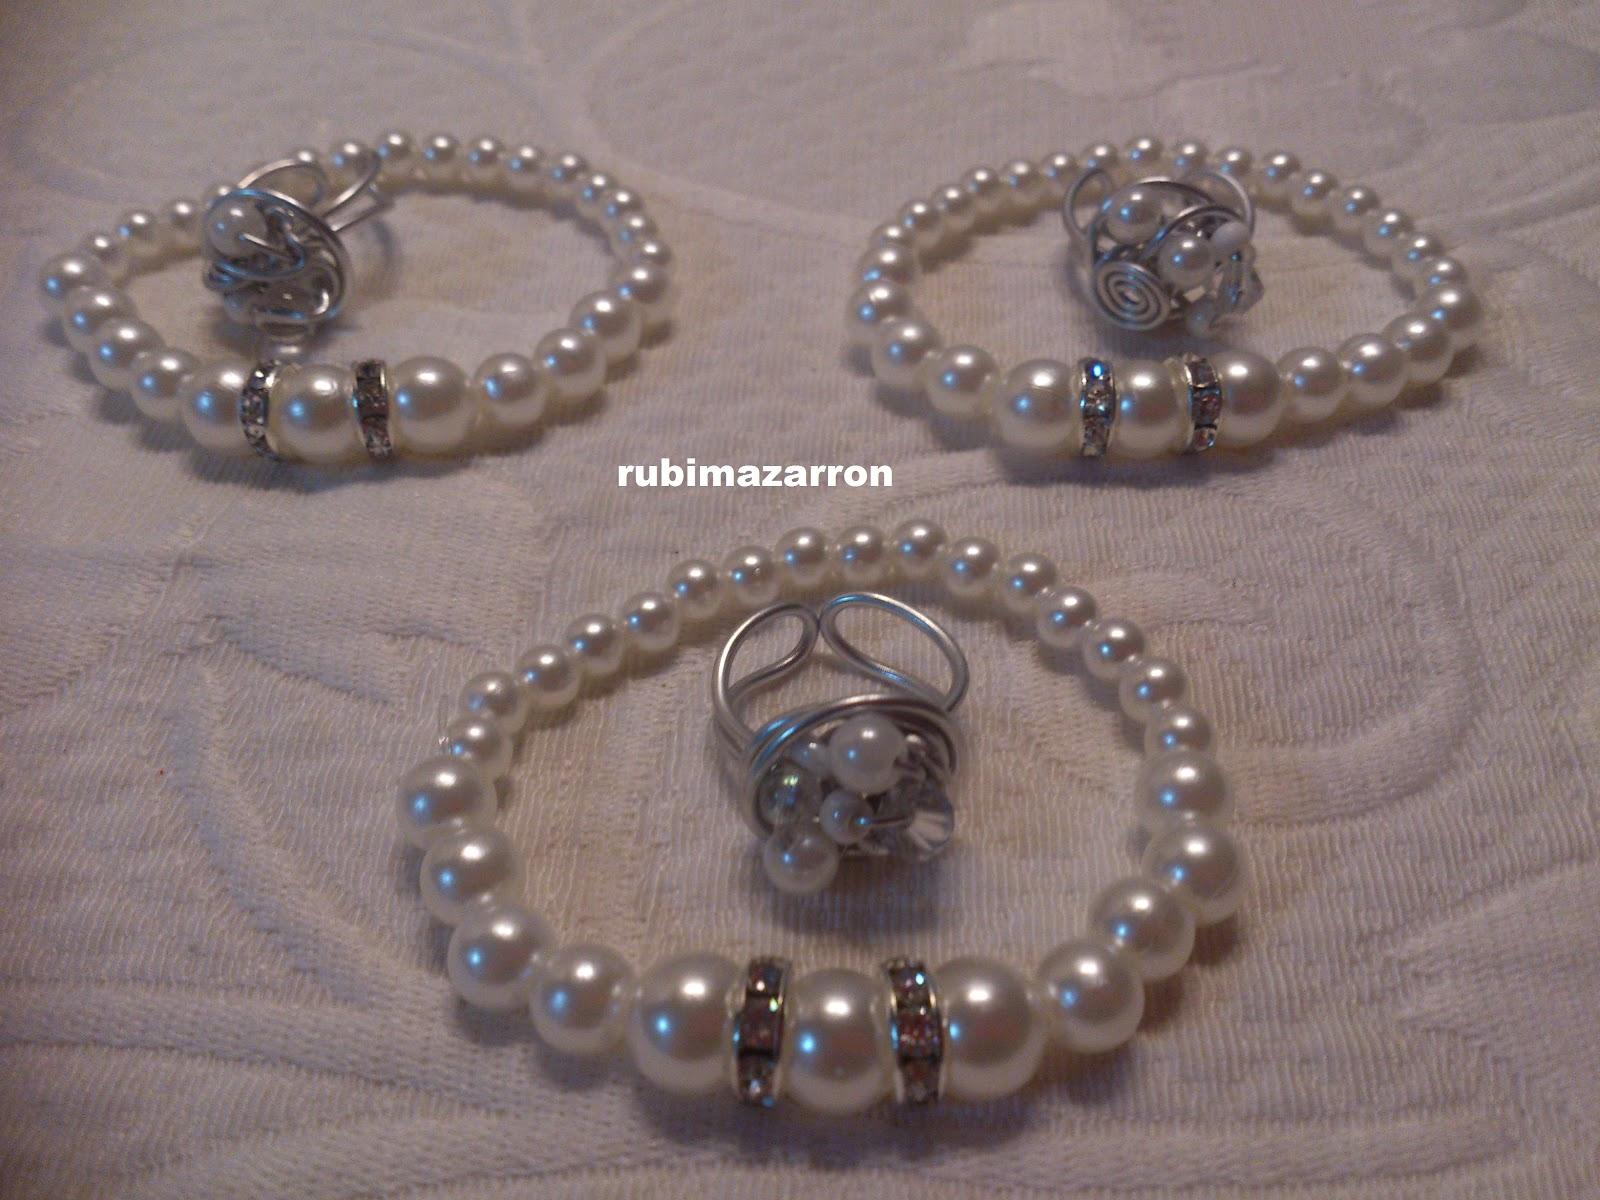 Conjuntos de alambre con perlas estos los regale en navidad a tres suscriptoras en youtube, fue un sorteo sorpresa pues nadie lo sabia.